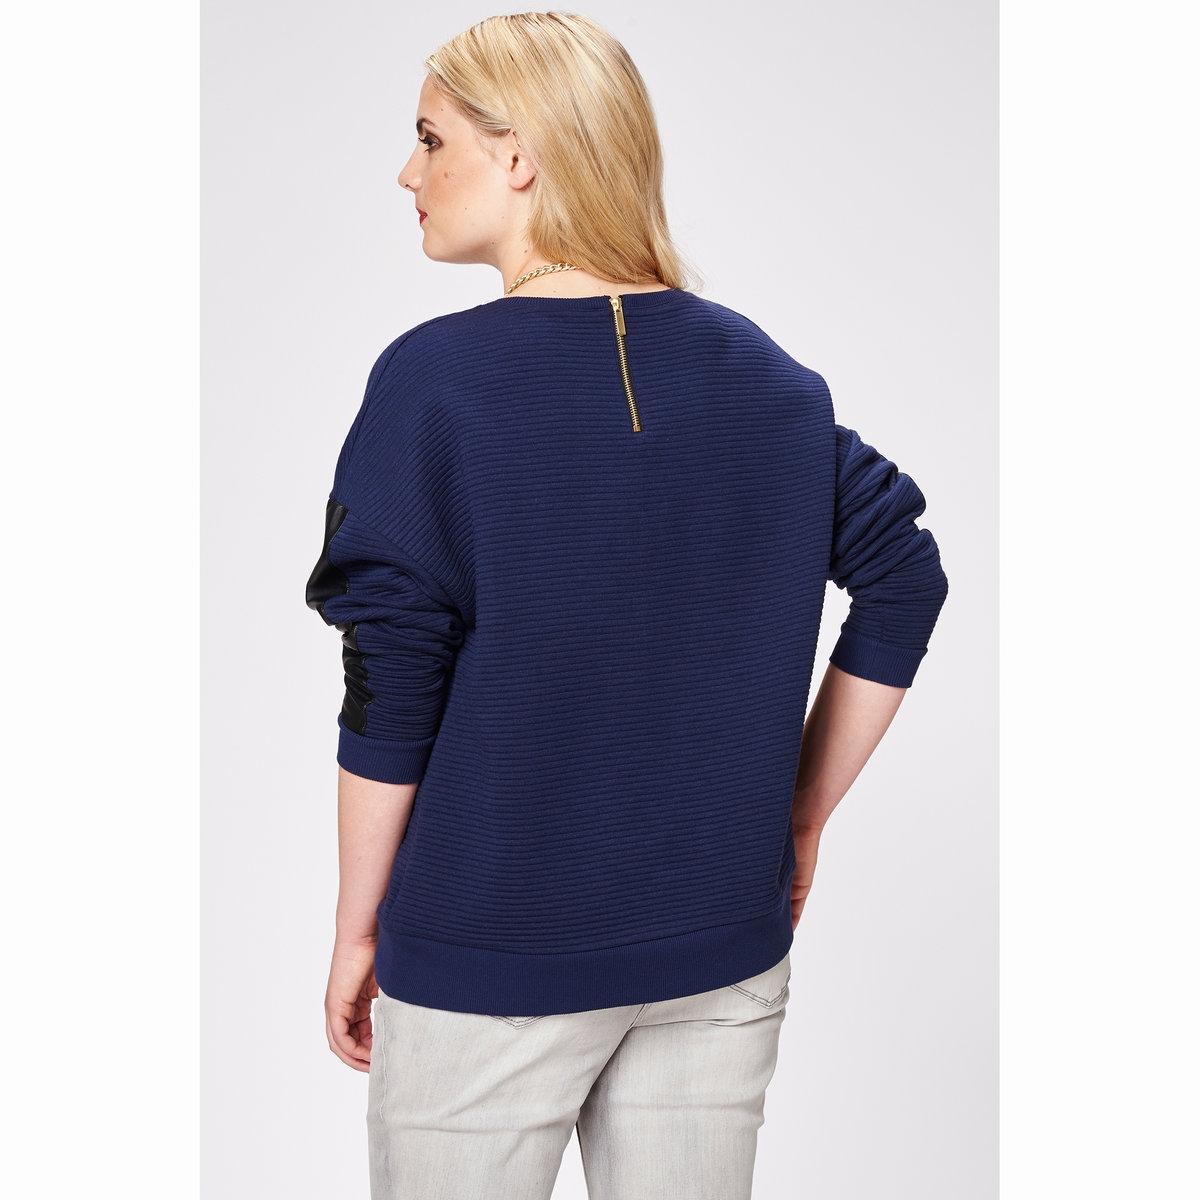 цены на Пуловер в интернет-магазинах